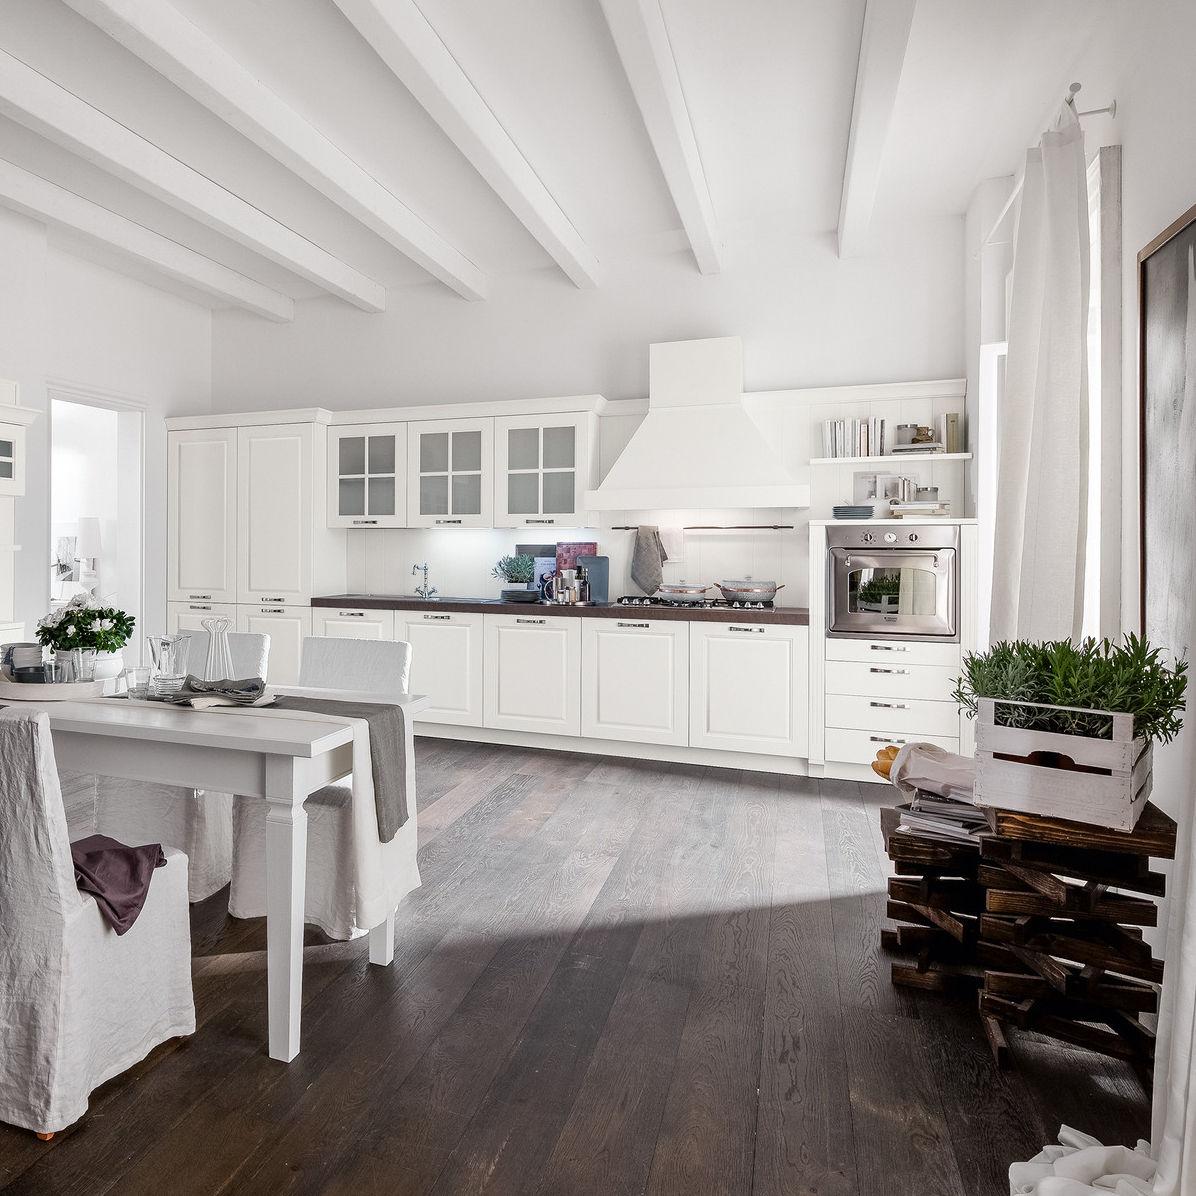 Cucina classica / in legno massiccio / laccata - MICOL 2.0 - Record ...